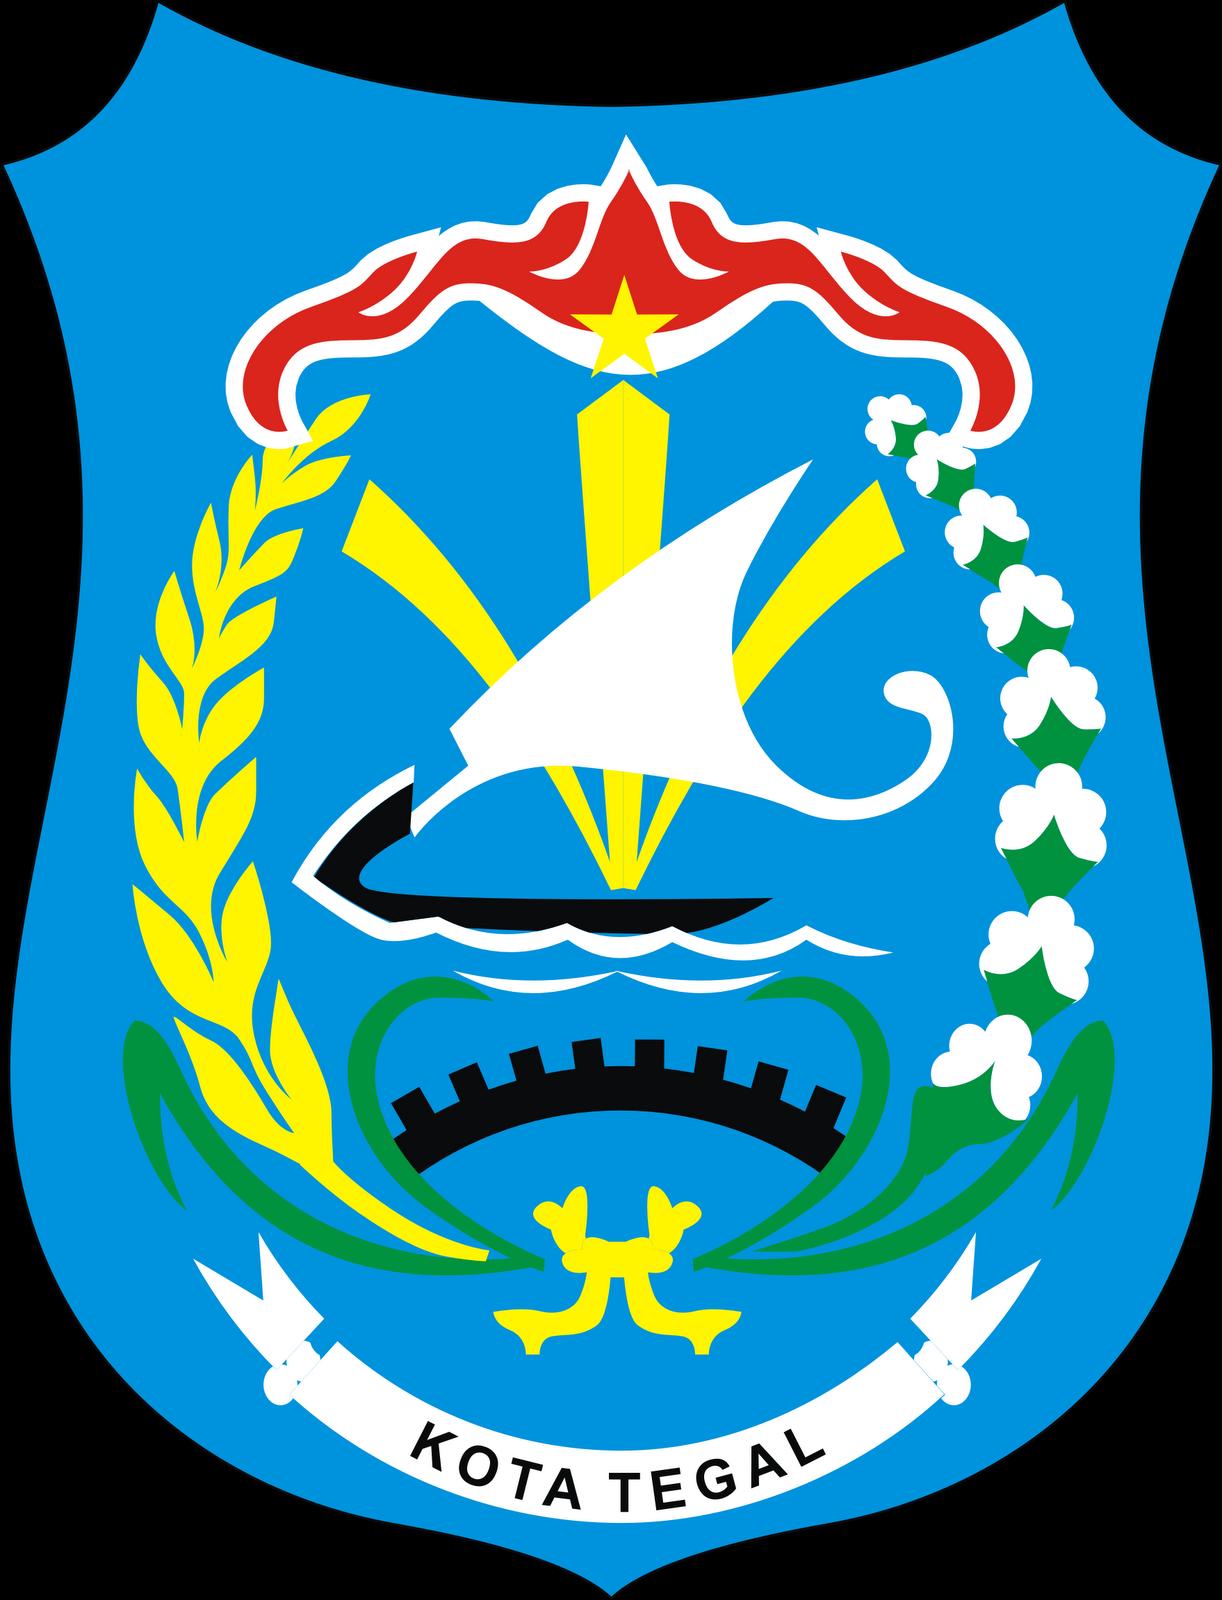 logo kota tegal provinsi jawa tengah logo lambang